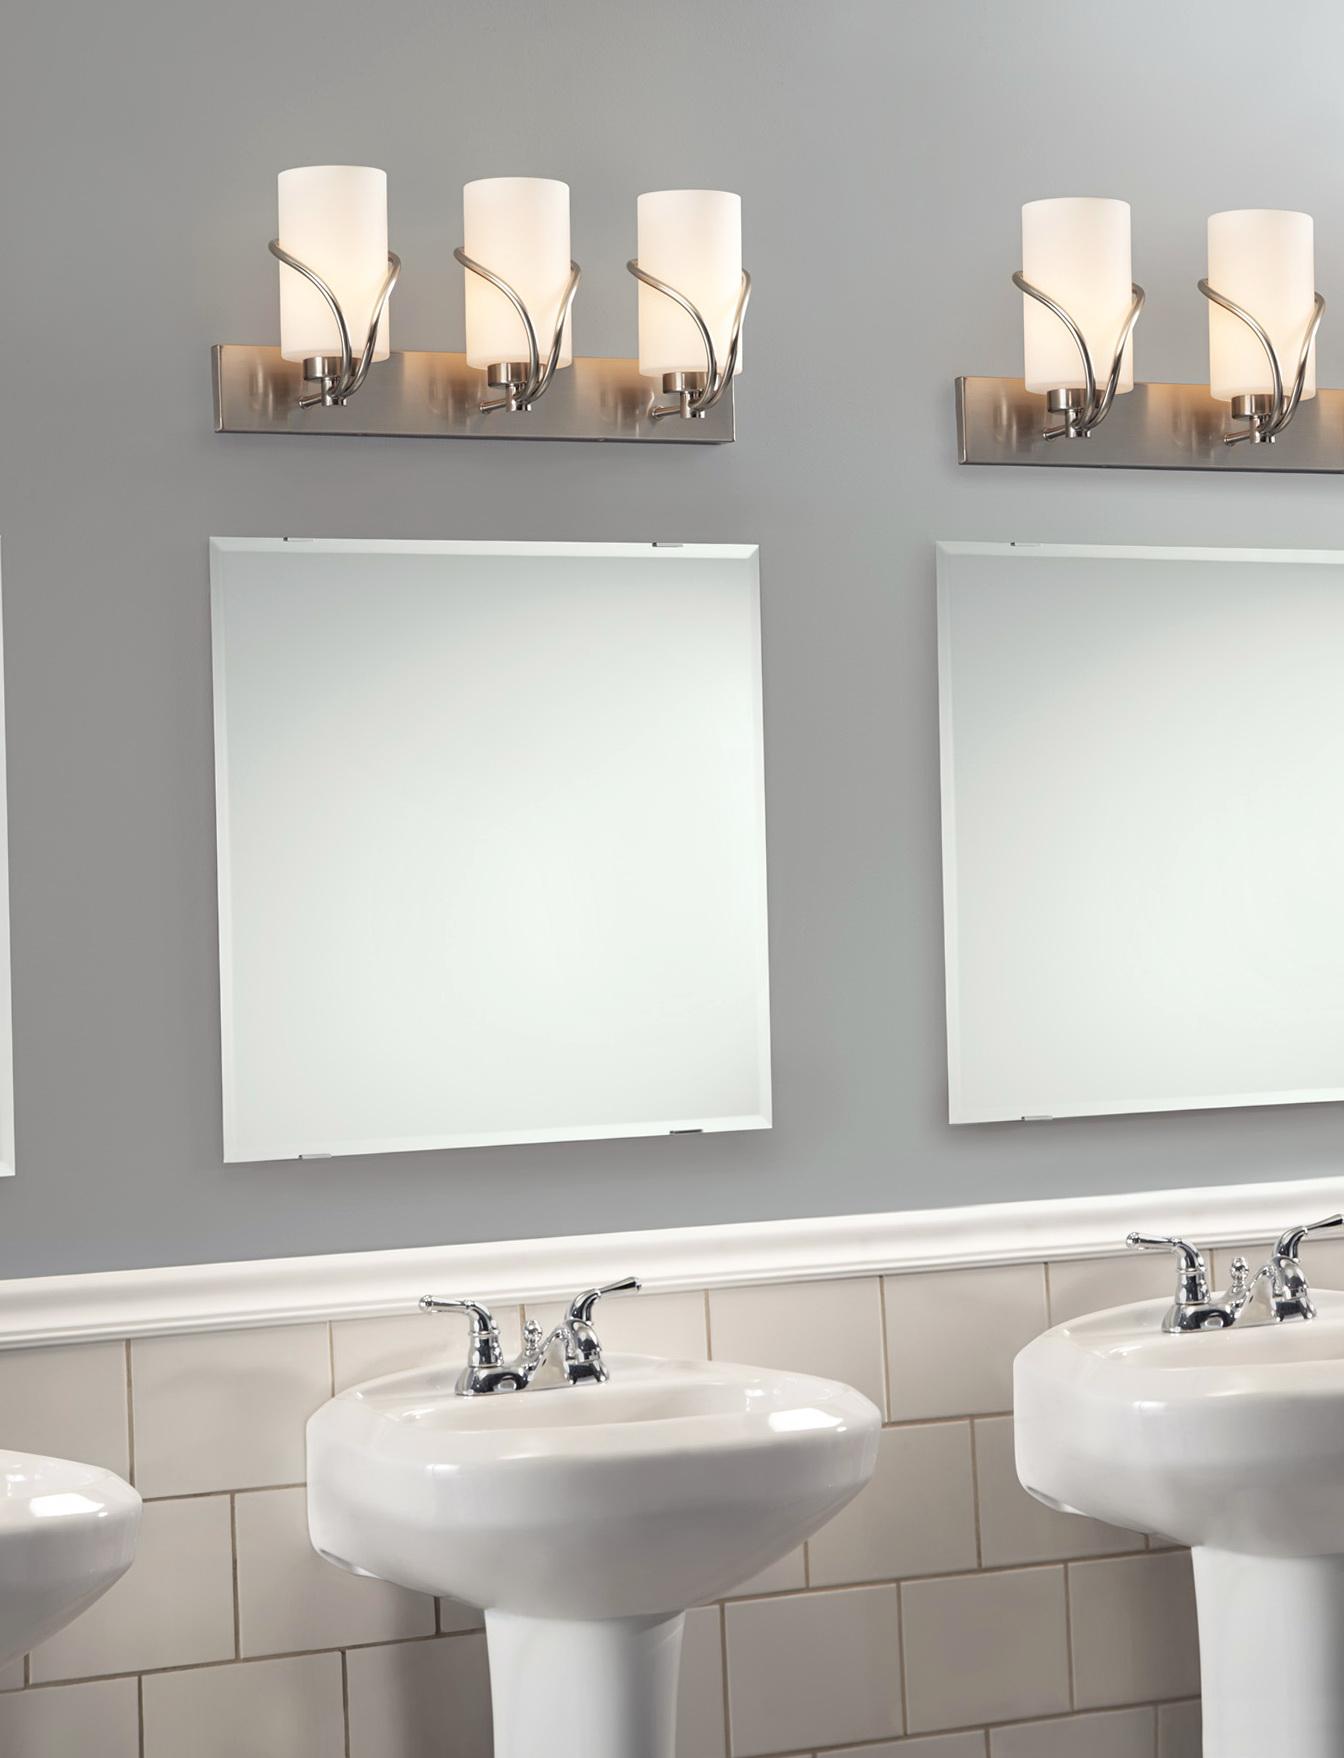 Bathroom Vanity Lighting Pictures